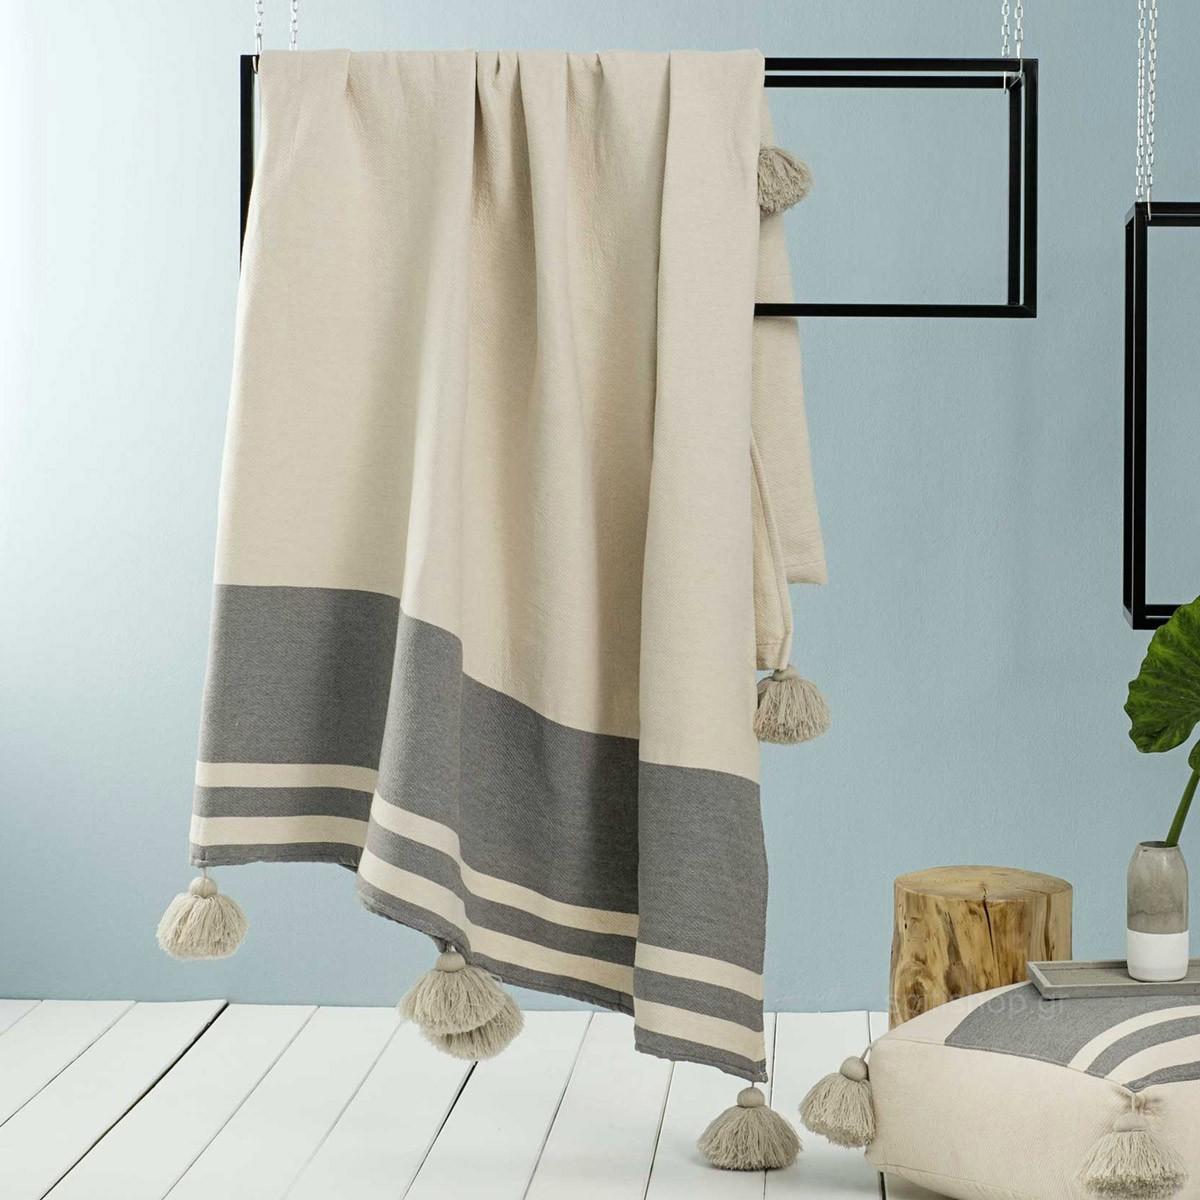 Κουβερτόριο Υπέρδιπλο Nima Layers Raya home   κρεβατοκάμαρα   κουβέρτες   κουβέρτες καλοκαιρινές υπέρδιπλες